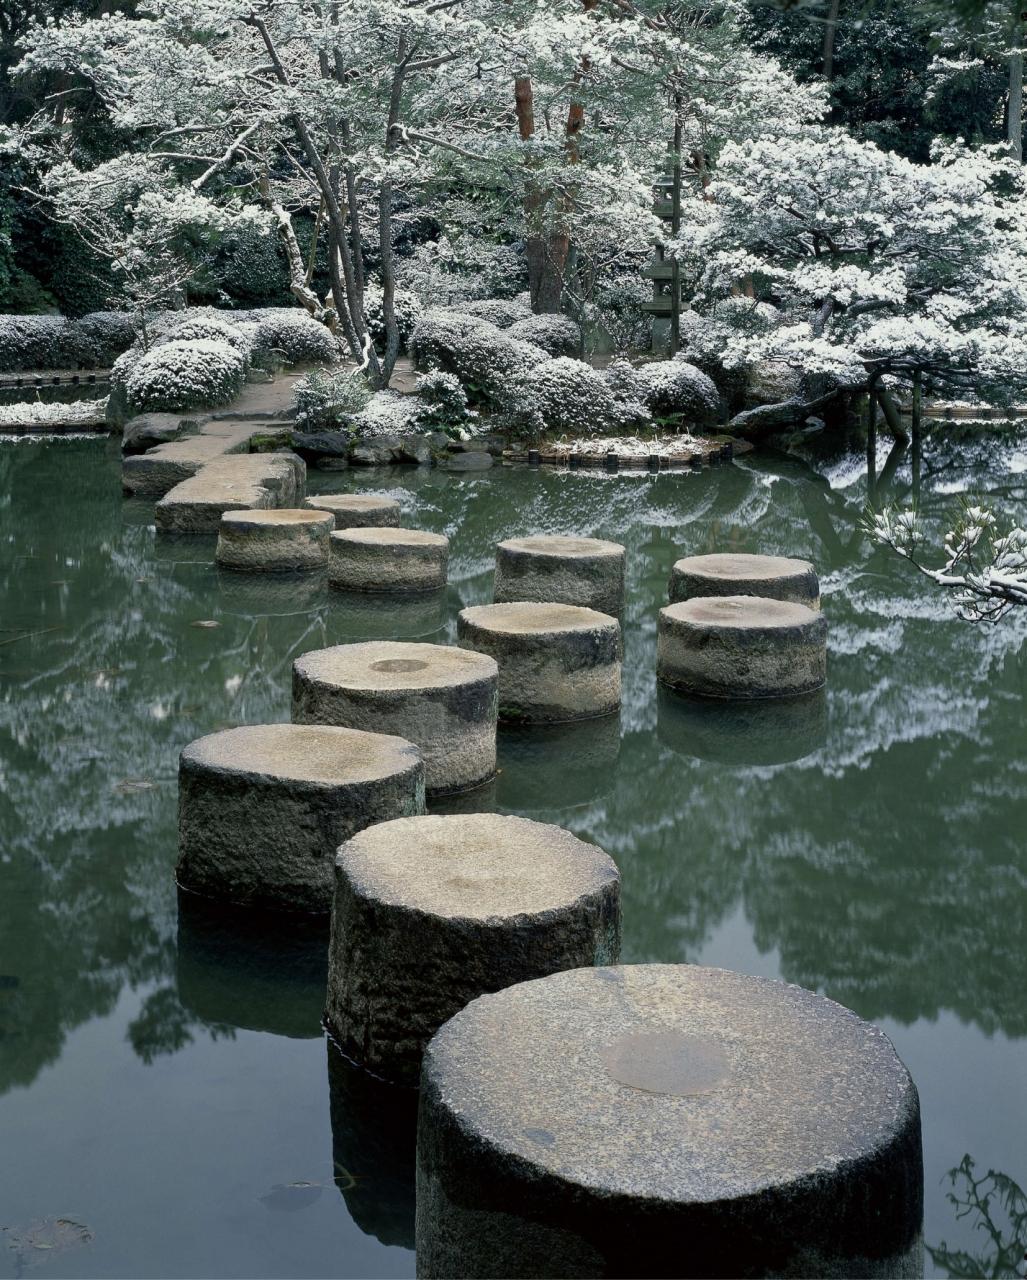 Katsuhiko Mizuno, Winter at Heian Jingu Shrine, 2006